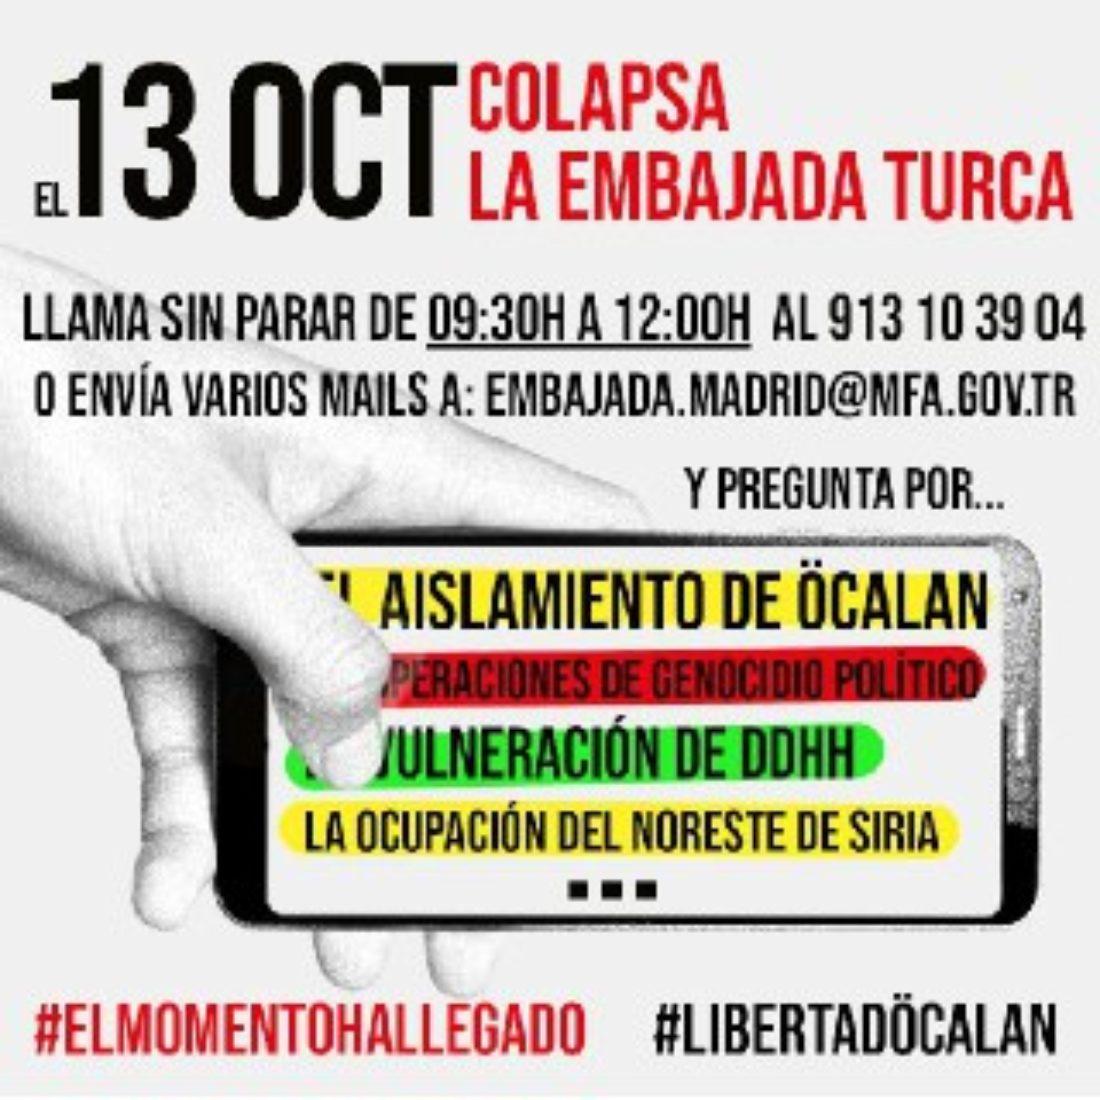 El momento es ahora: Libertad para Öcalan